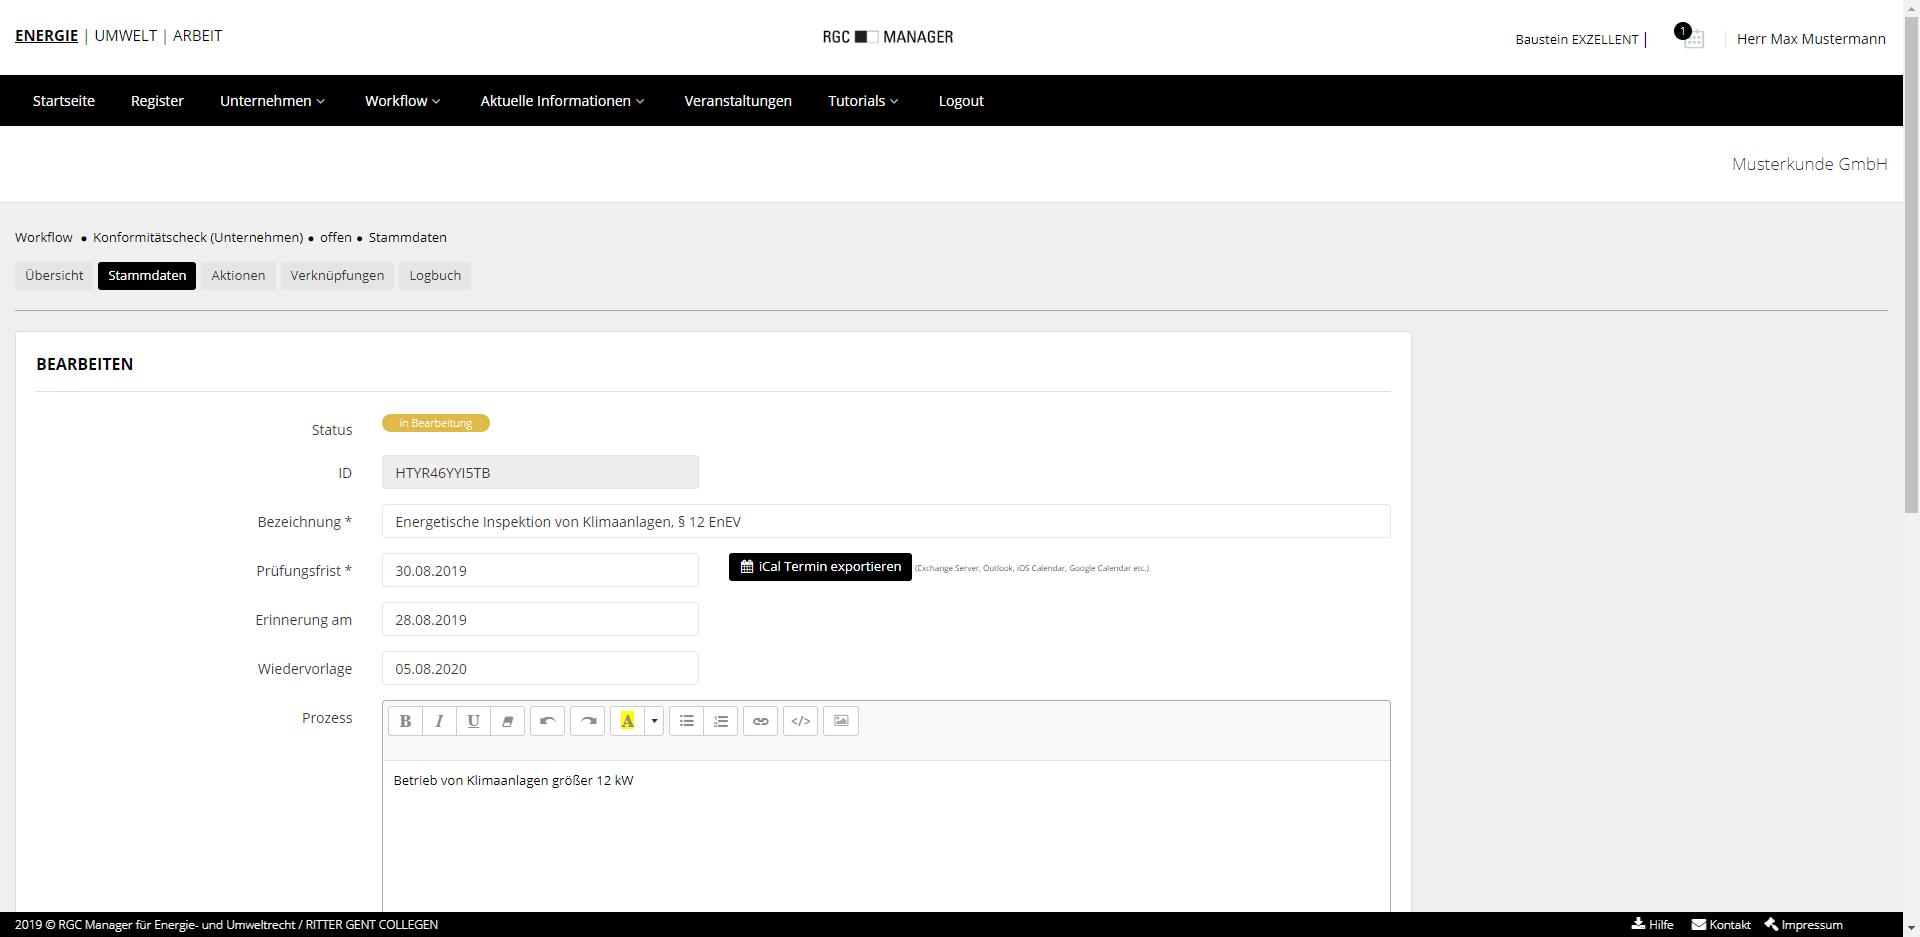 Workflow Stammdaten